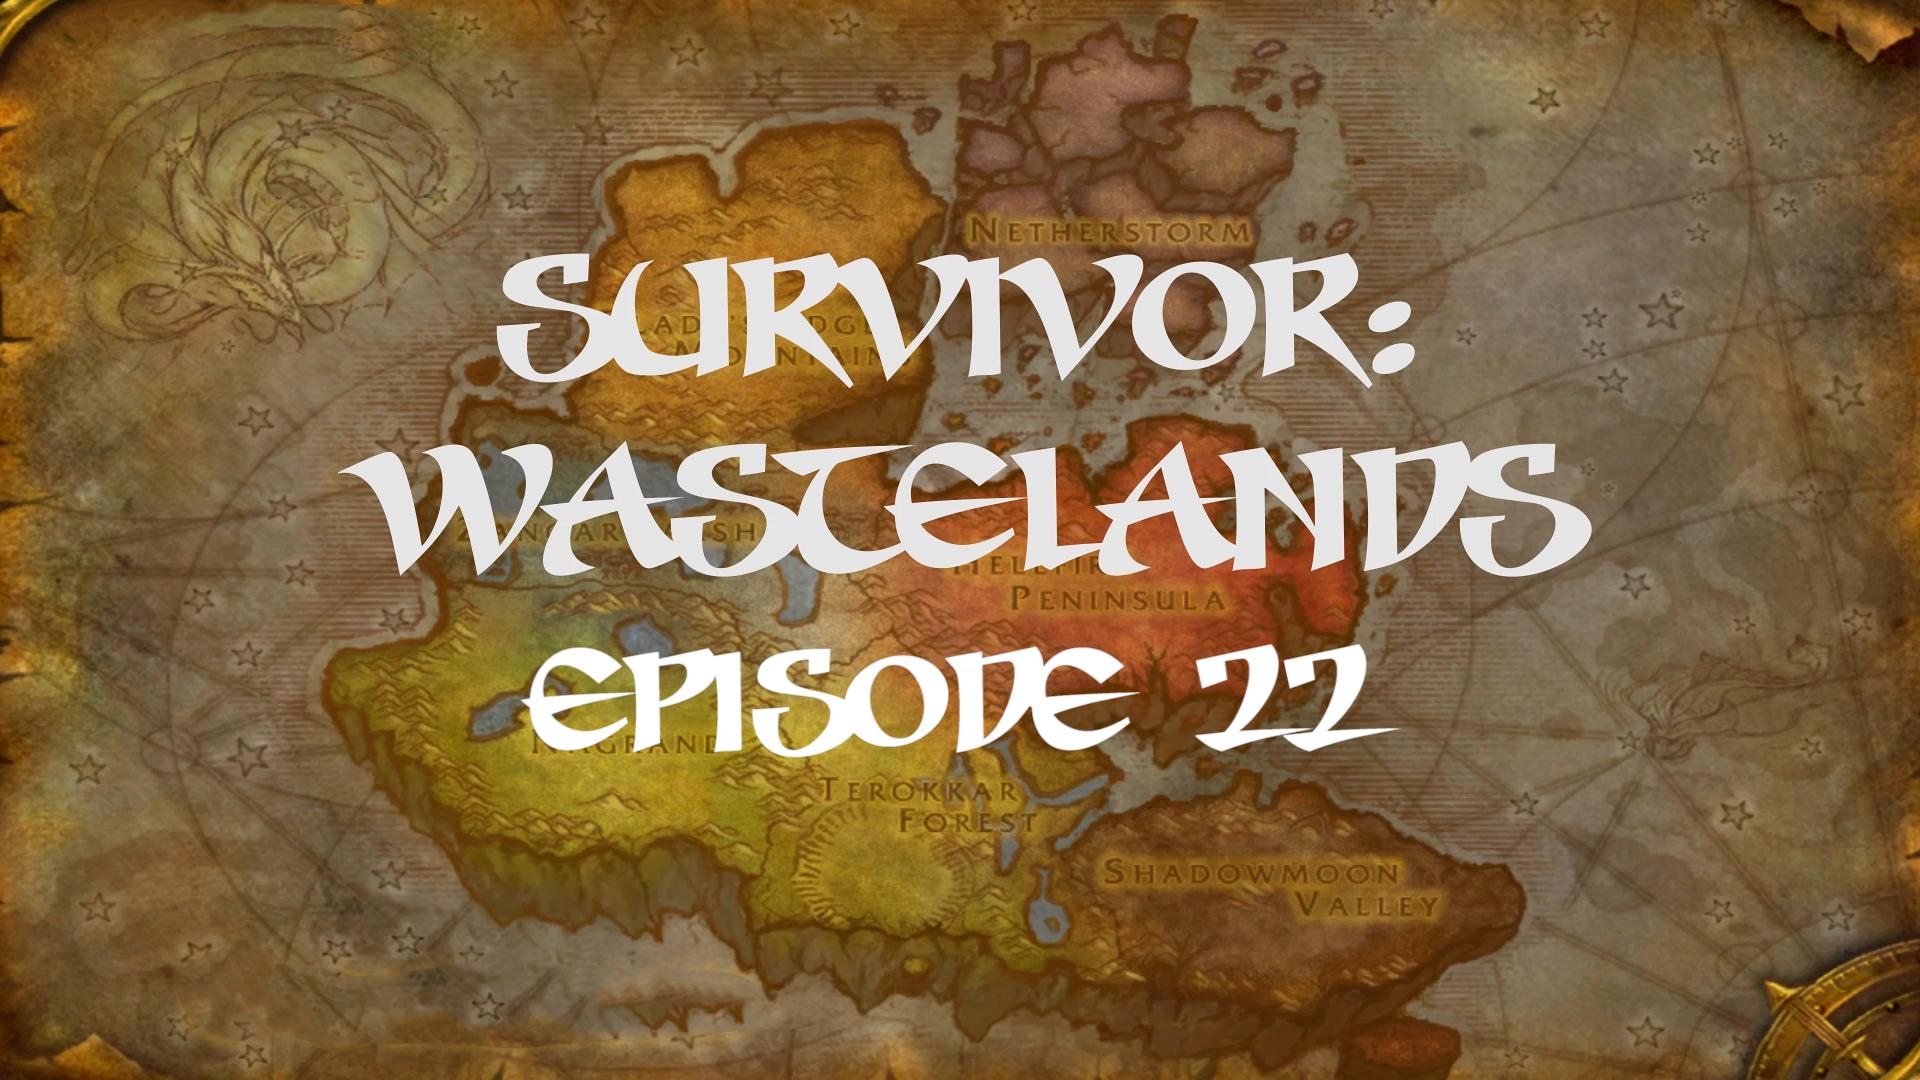 Survivor Wastelands Episode 22.jpg